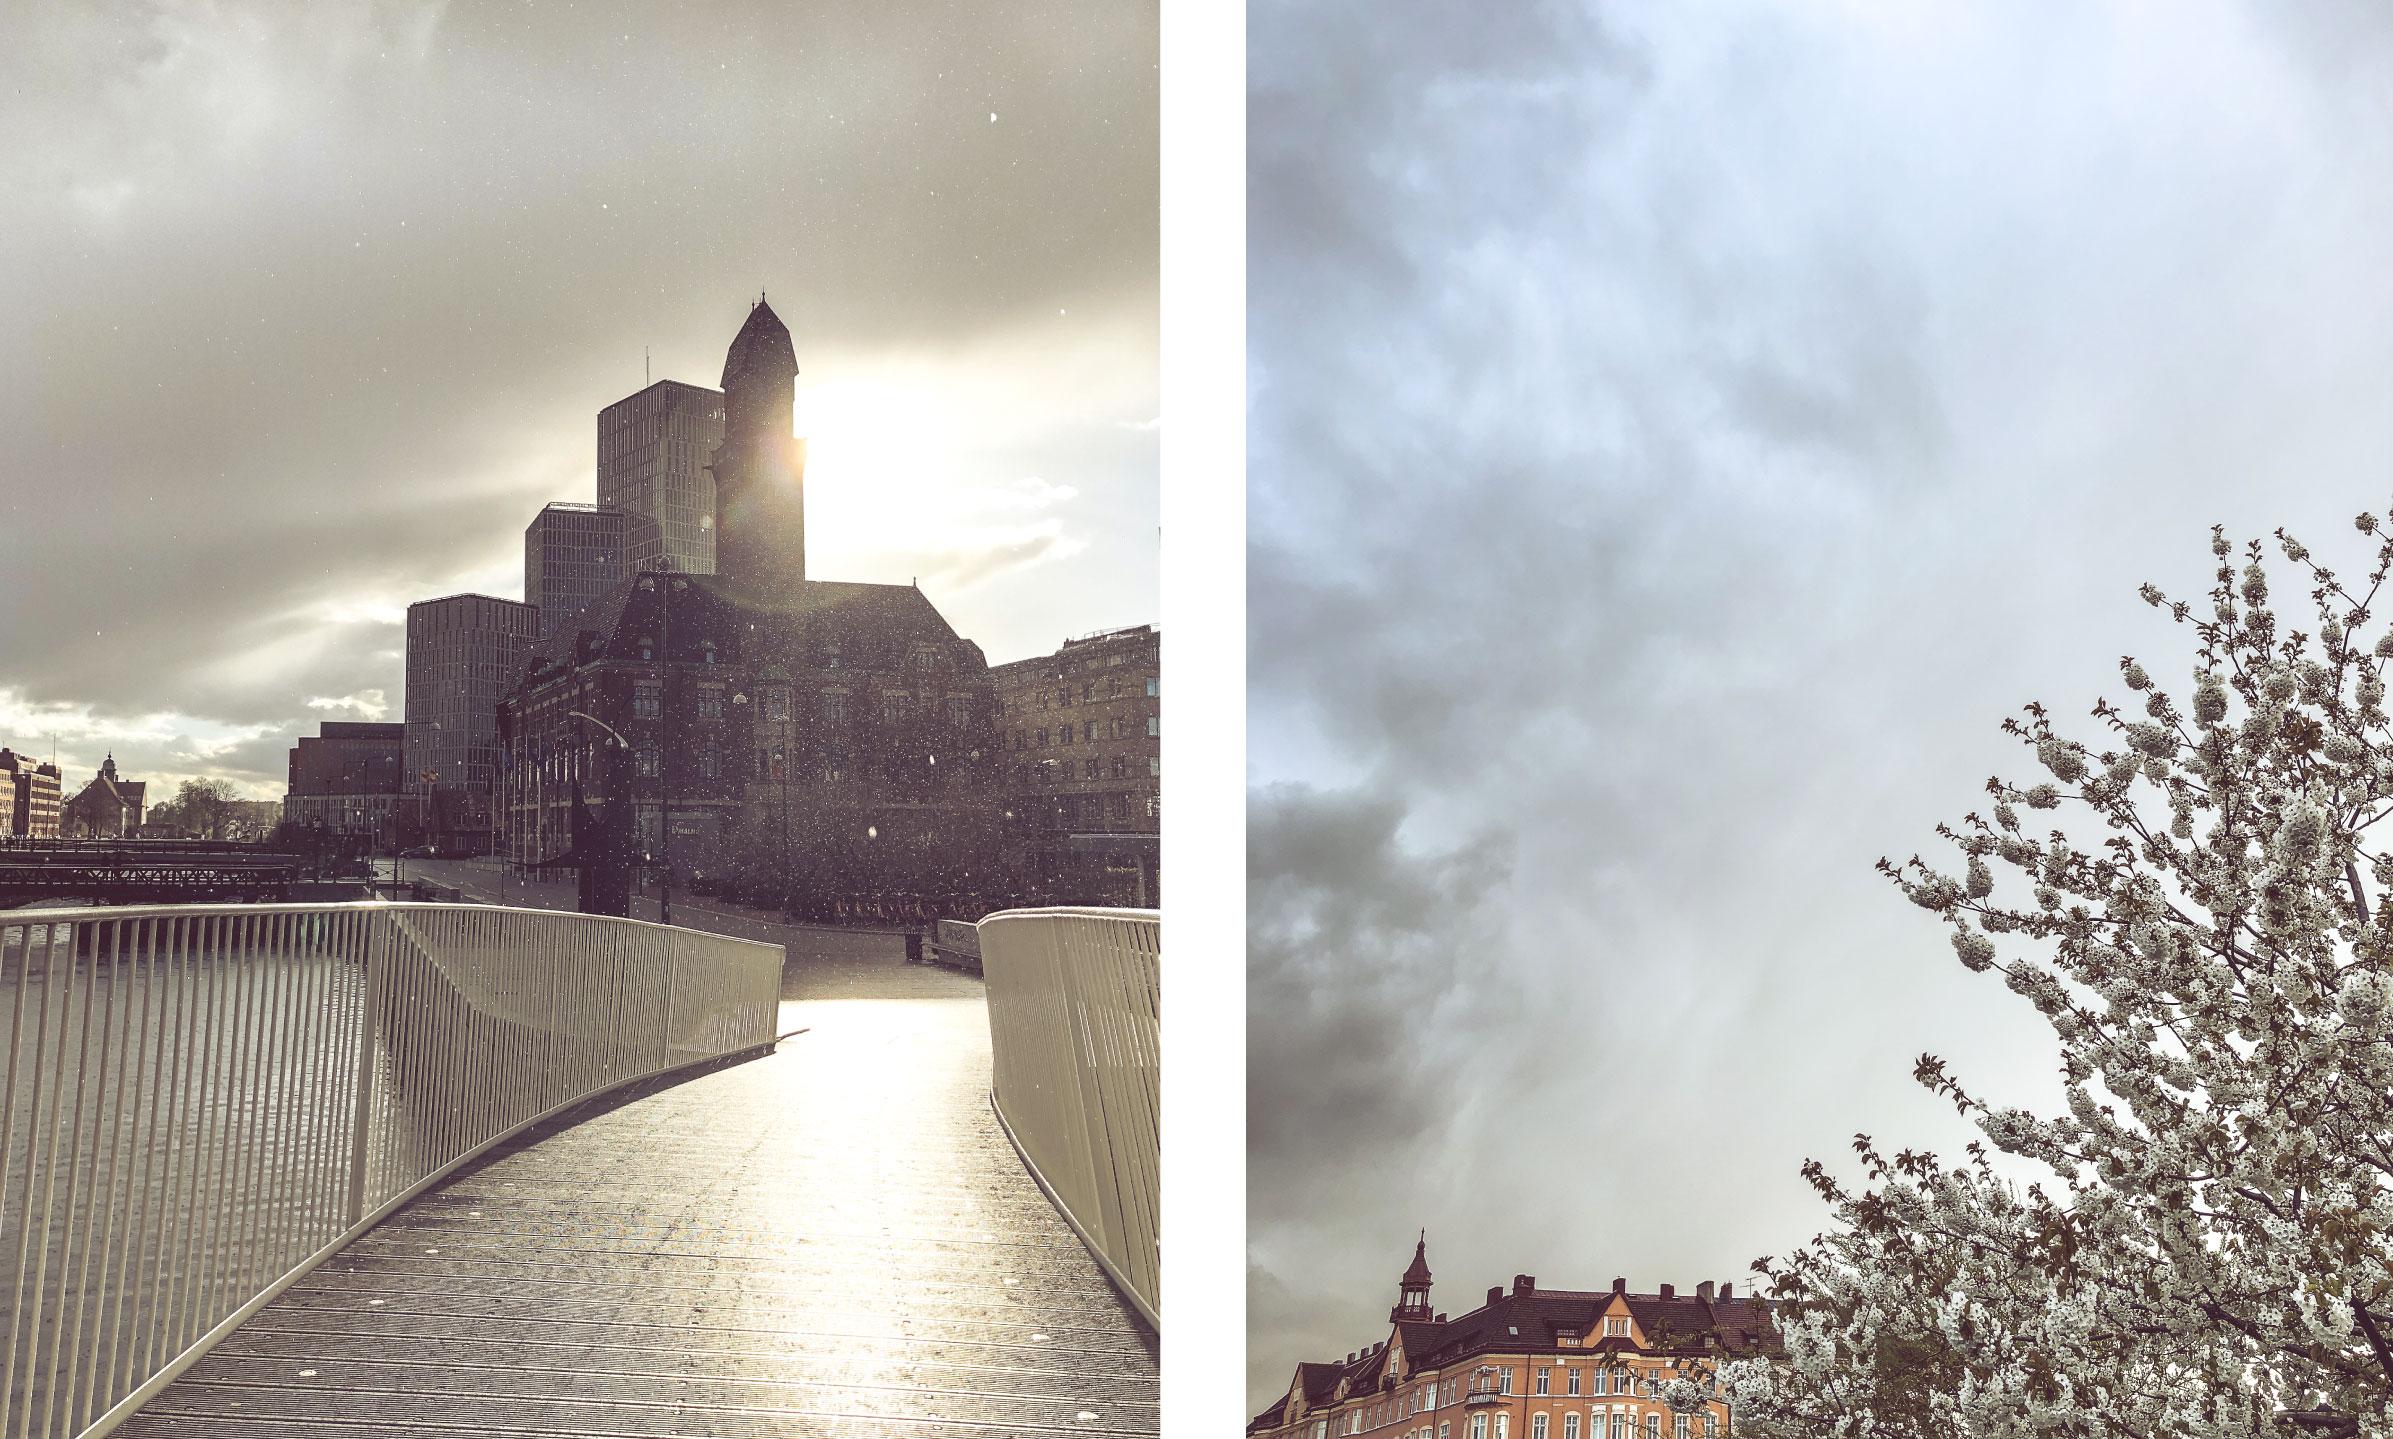 När du redigerar: Förstärk det varm i eftermiddagsljuset eller det kalla i en dramatisk himmel. Här är det också ett ypperligt tillfälle att dra upp kontrasterna något för mer dramatik i bilden.